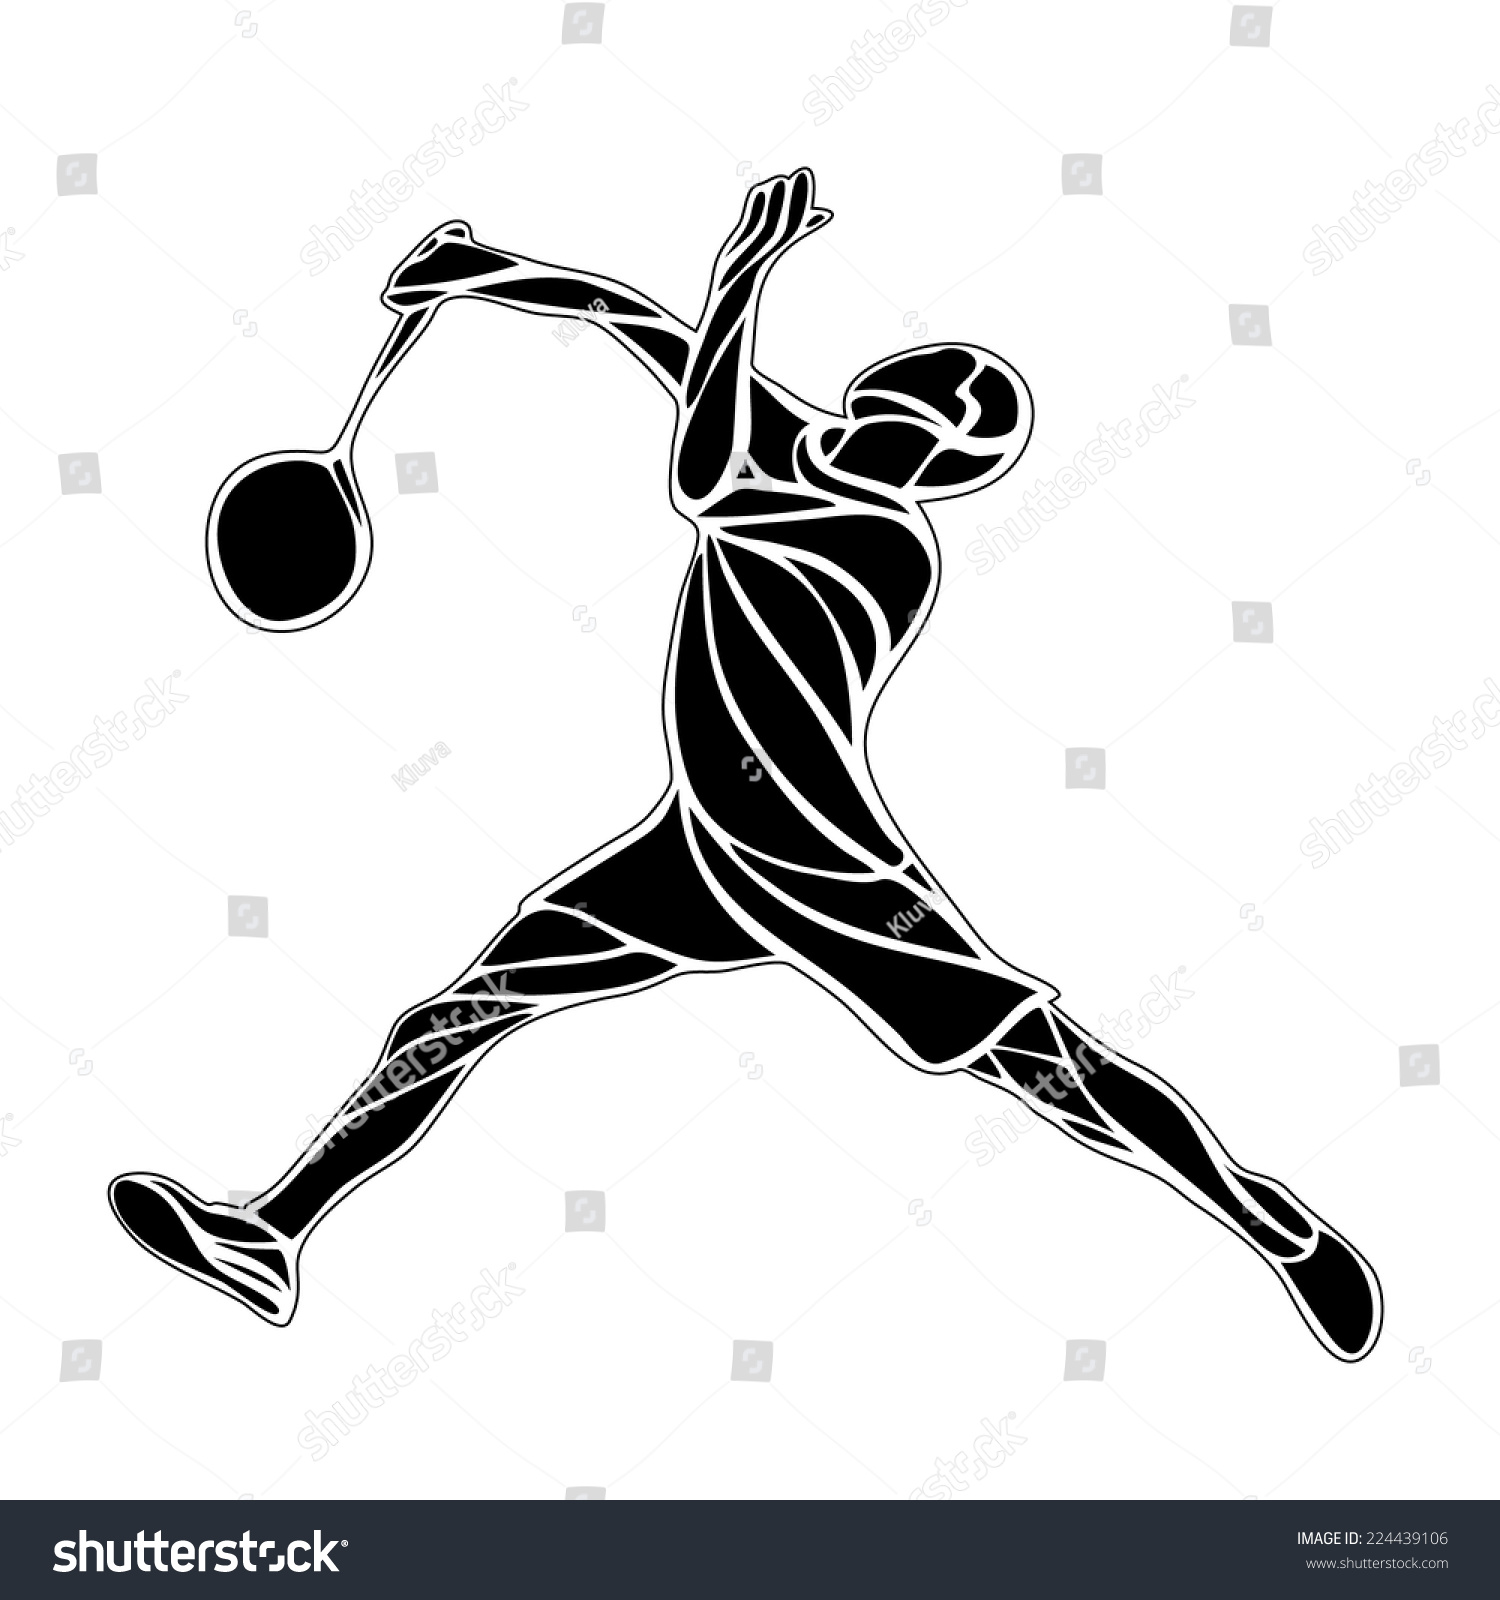 羽毛球运动员-人物,运动/娱乐活动-海洛创意(hellorf)